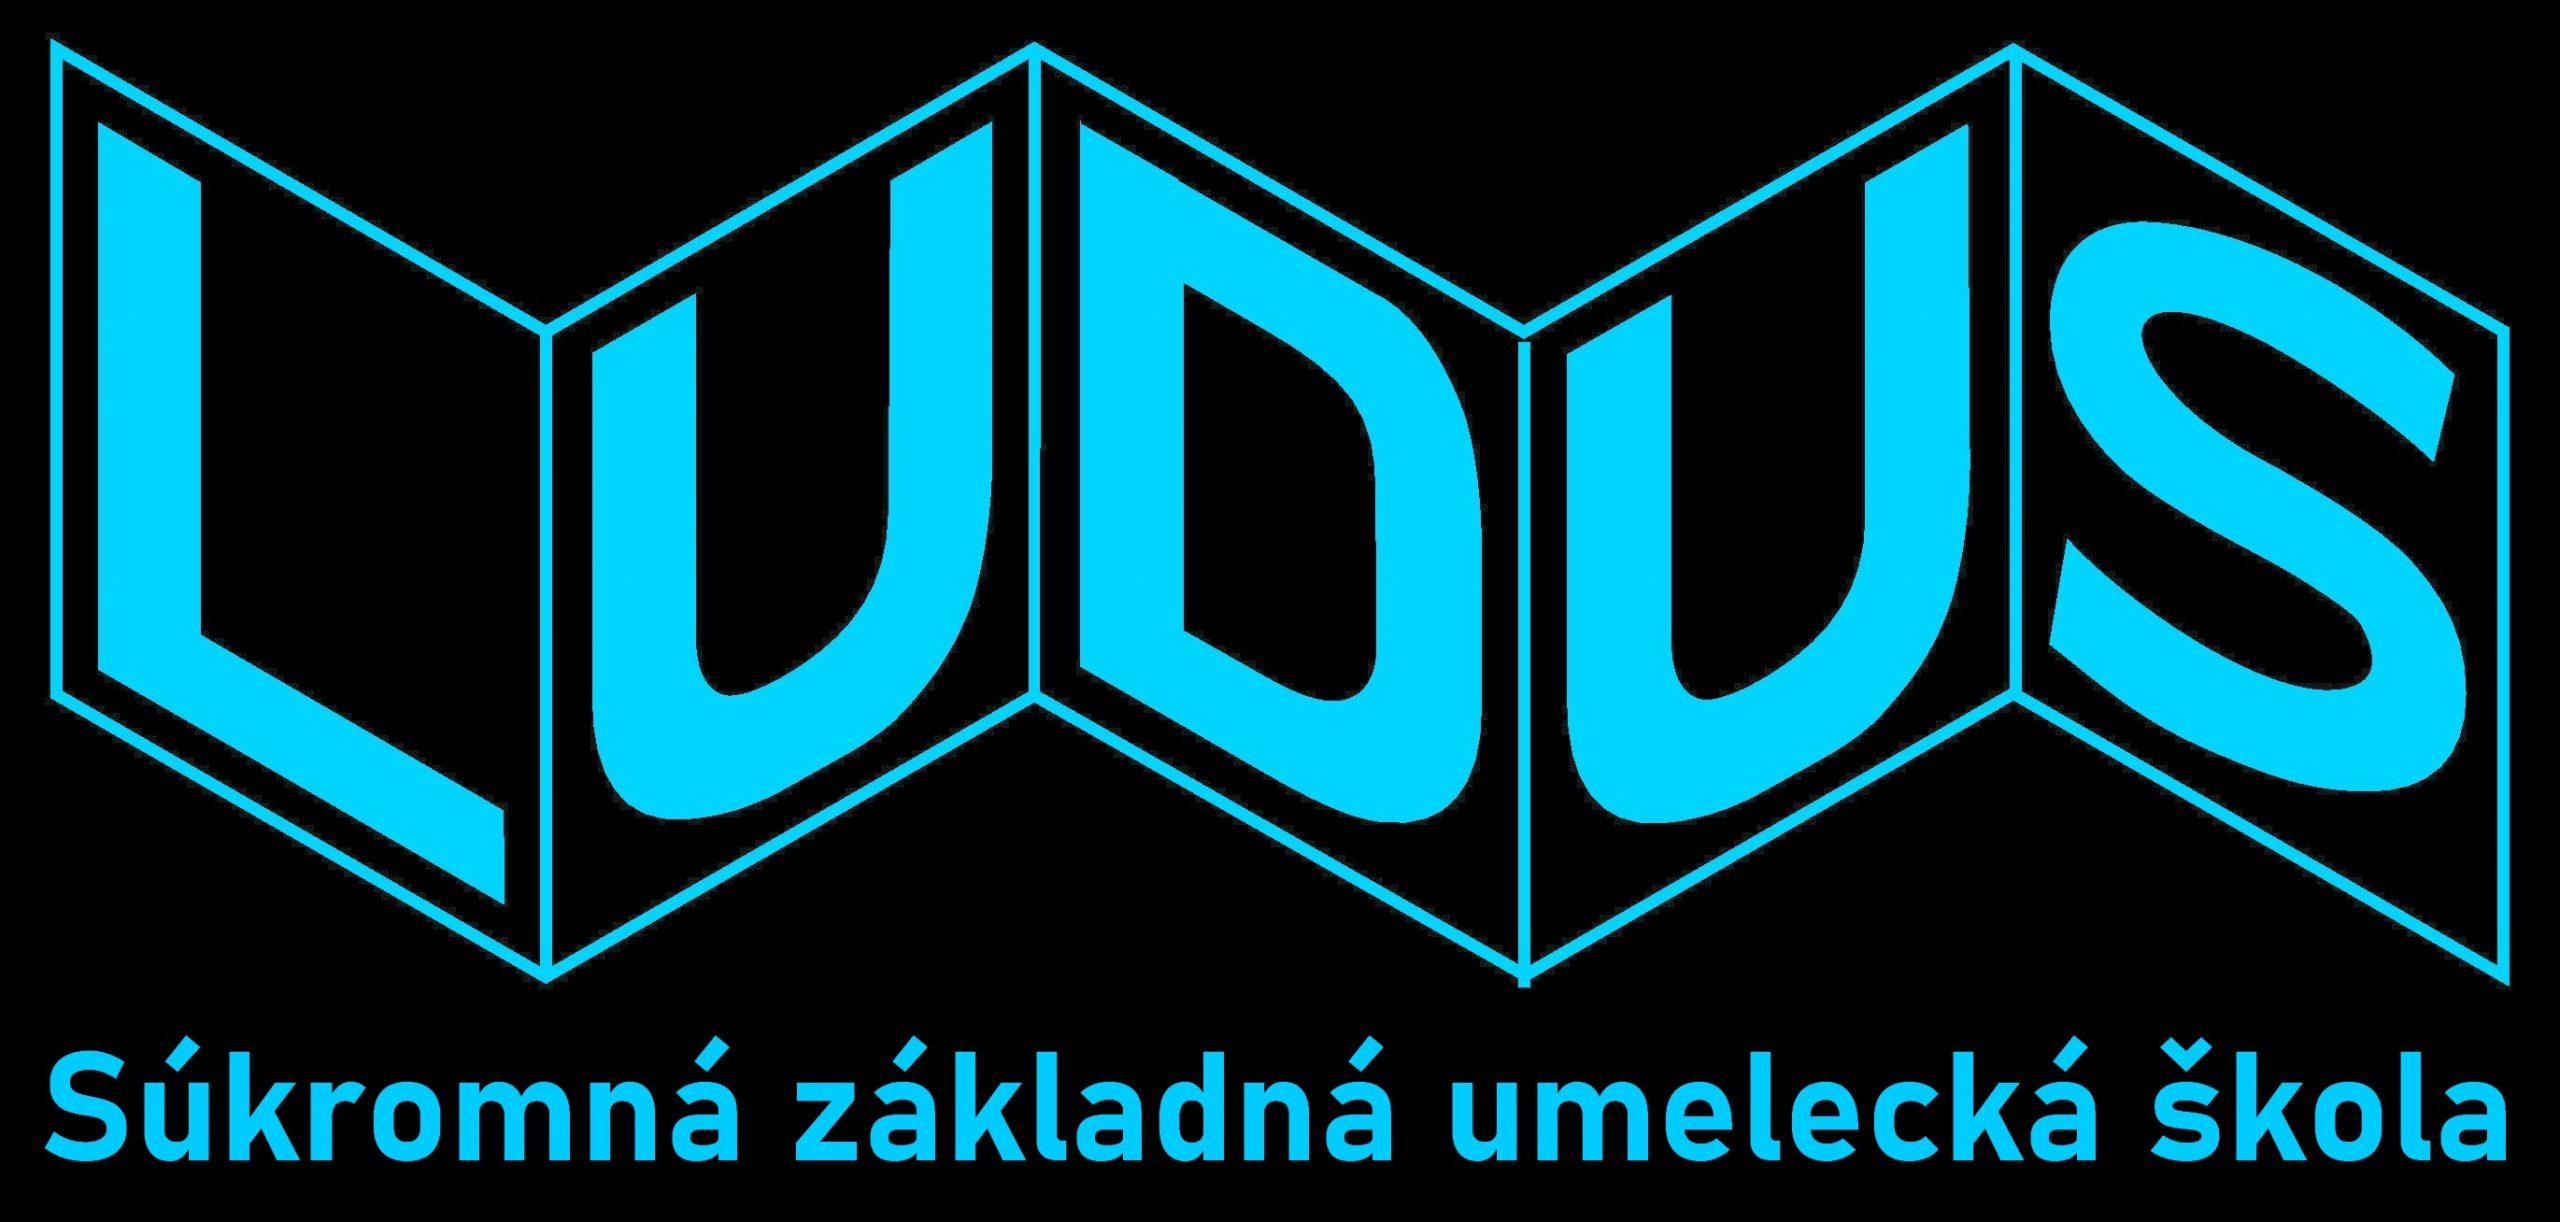 Súkromná základná umelecká škola Ludus